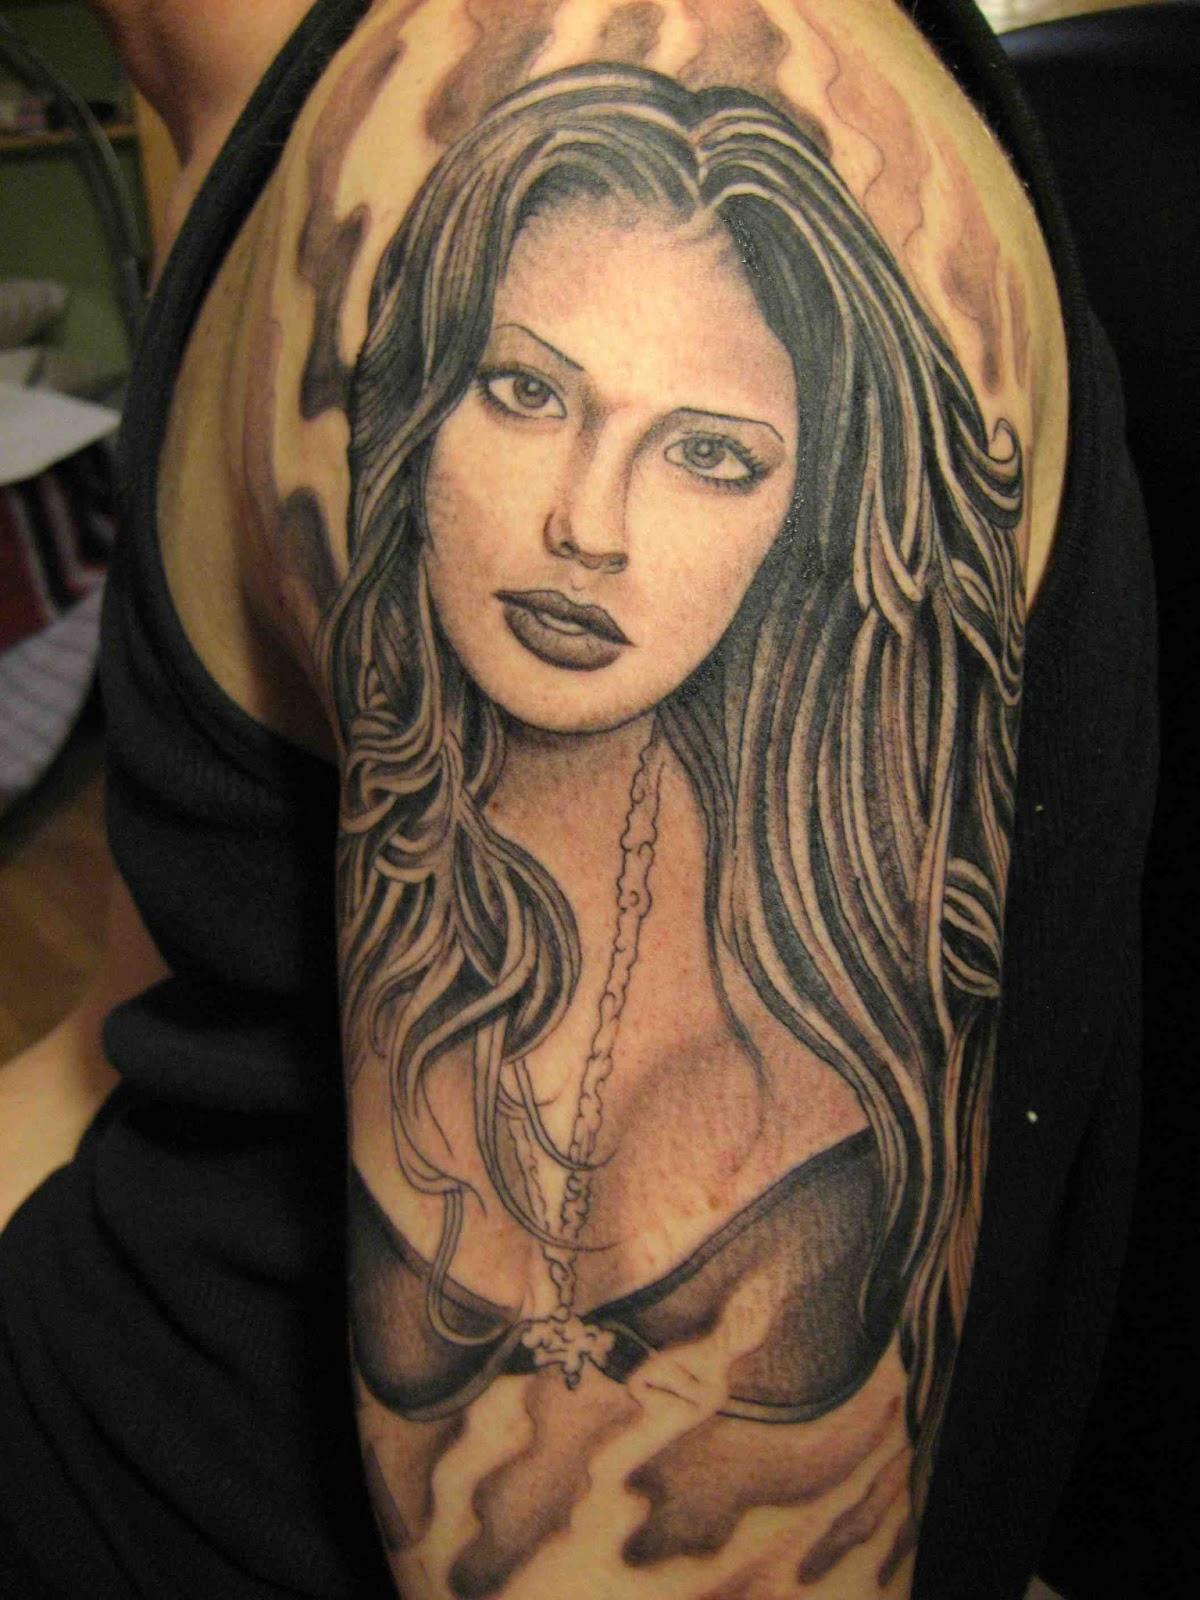 la ink tattoos3d tattoos